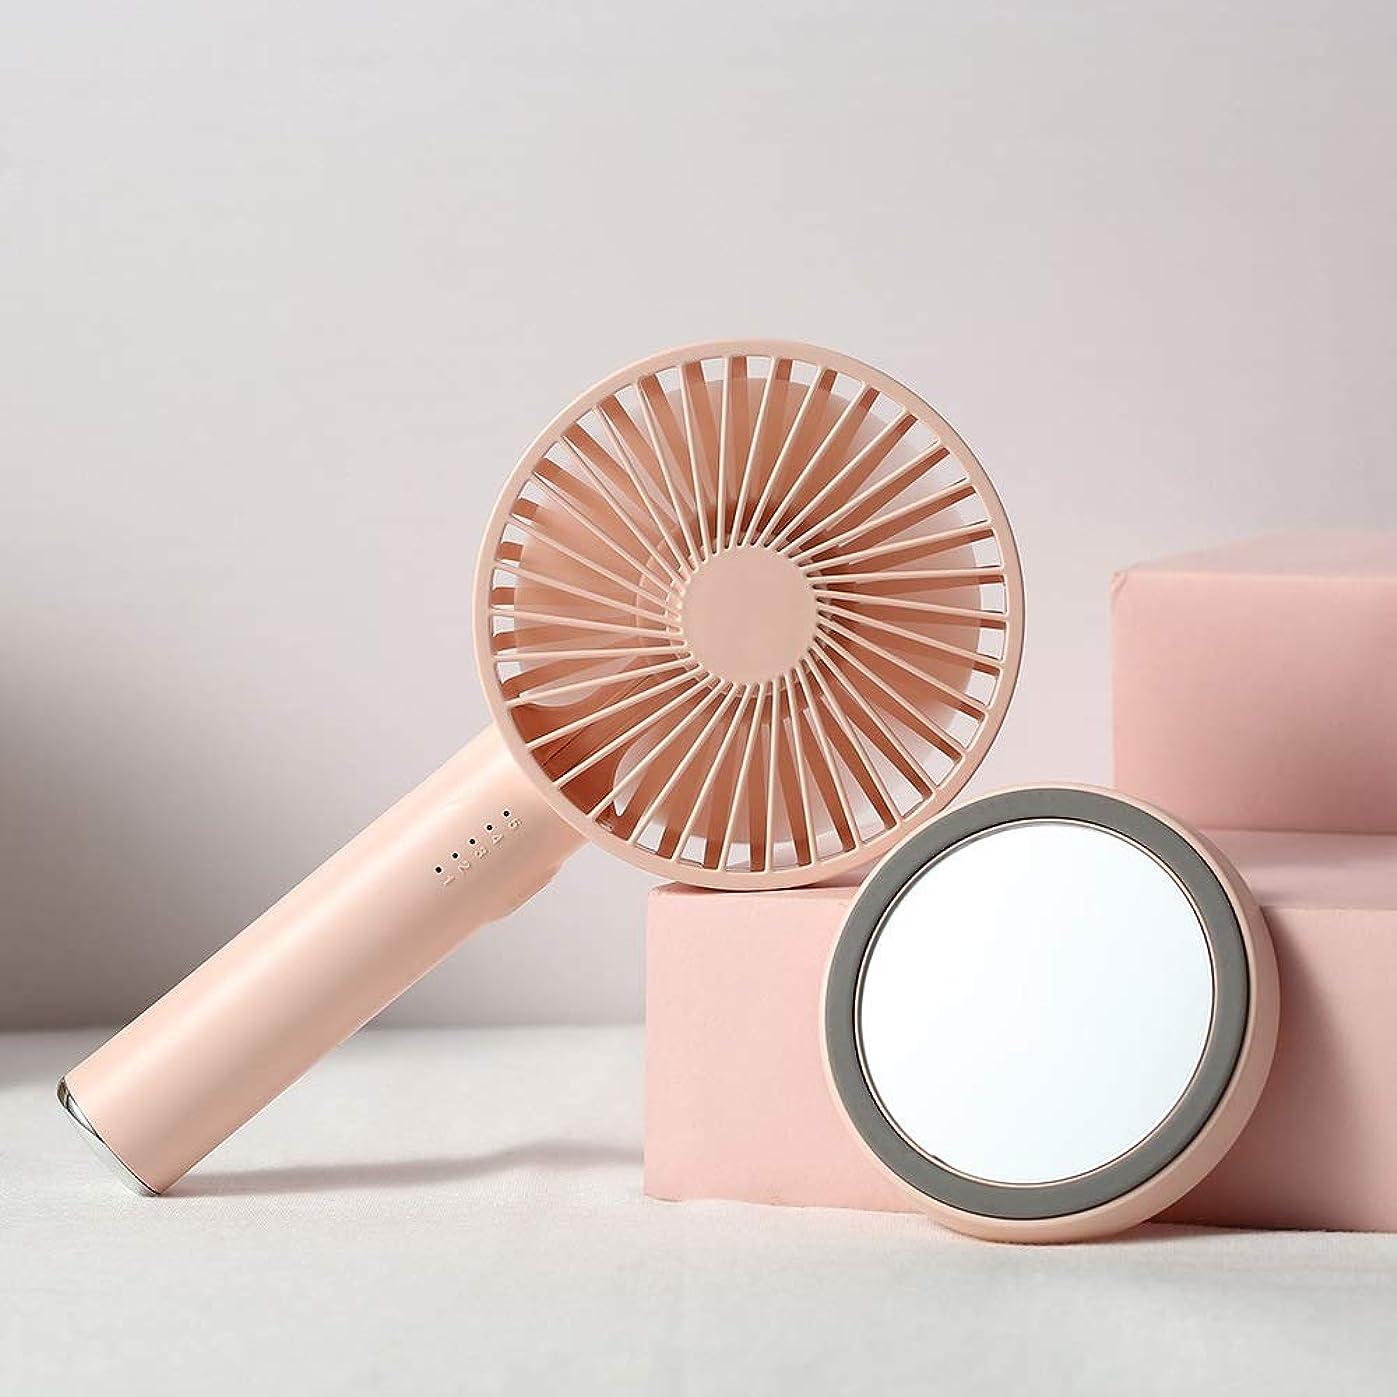 順応性のある取り囲む大砲流行の クリエイティブ新しいファンの化粧鏡の手持ち型の無声ファン5速調整ポータブル屋外の美しさのミラーミラー2つの黄色のモデルピンク (色 : Pink)